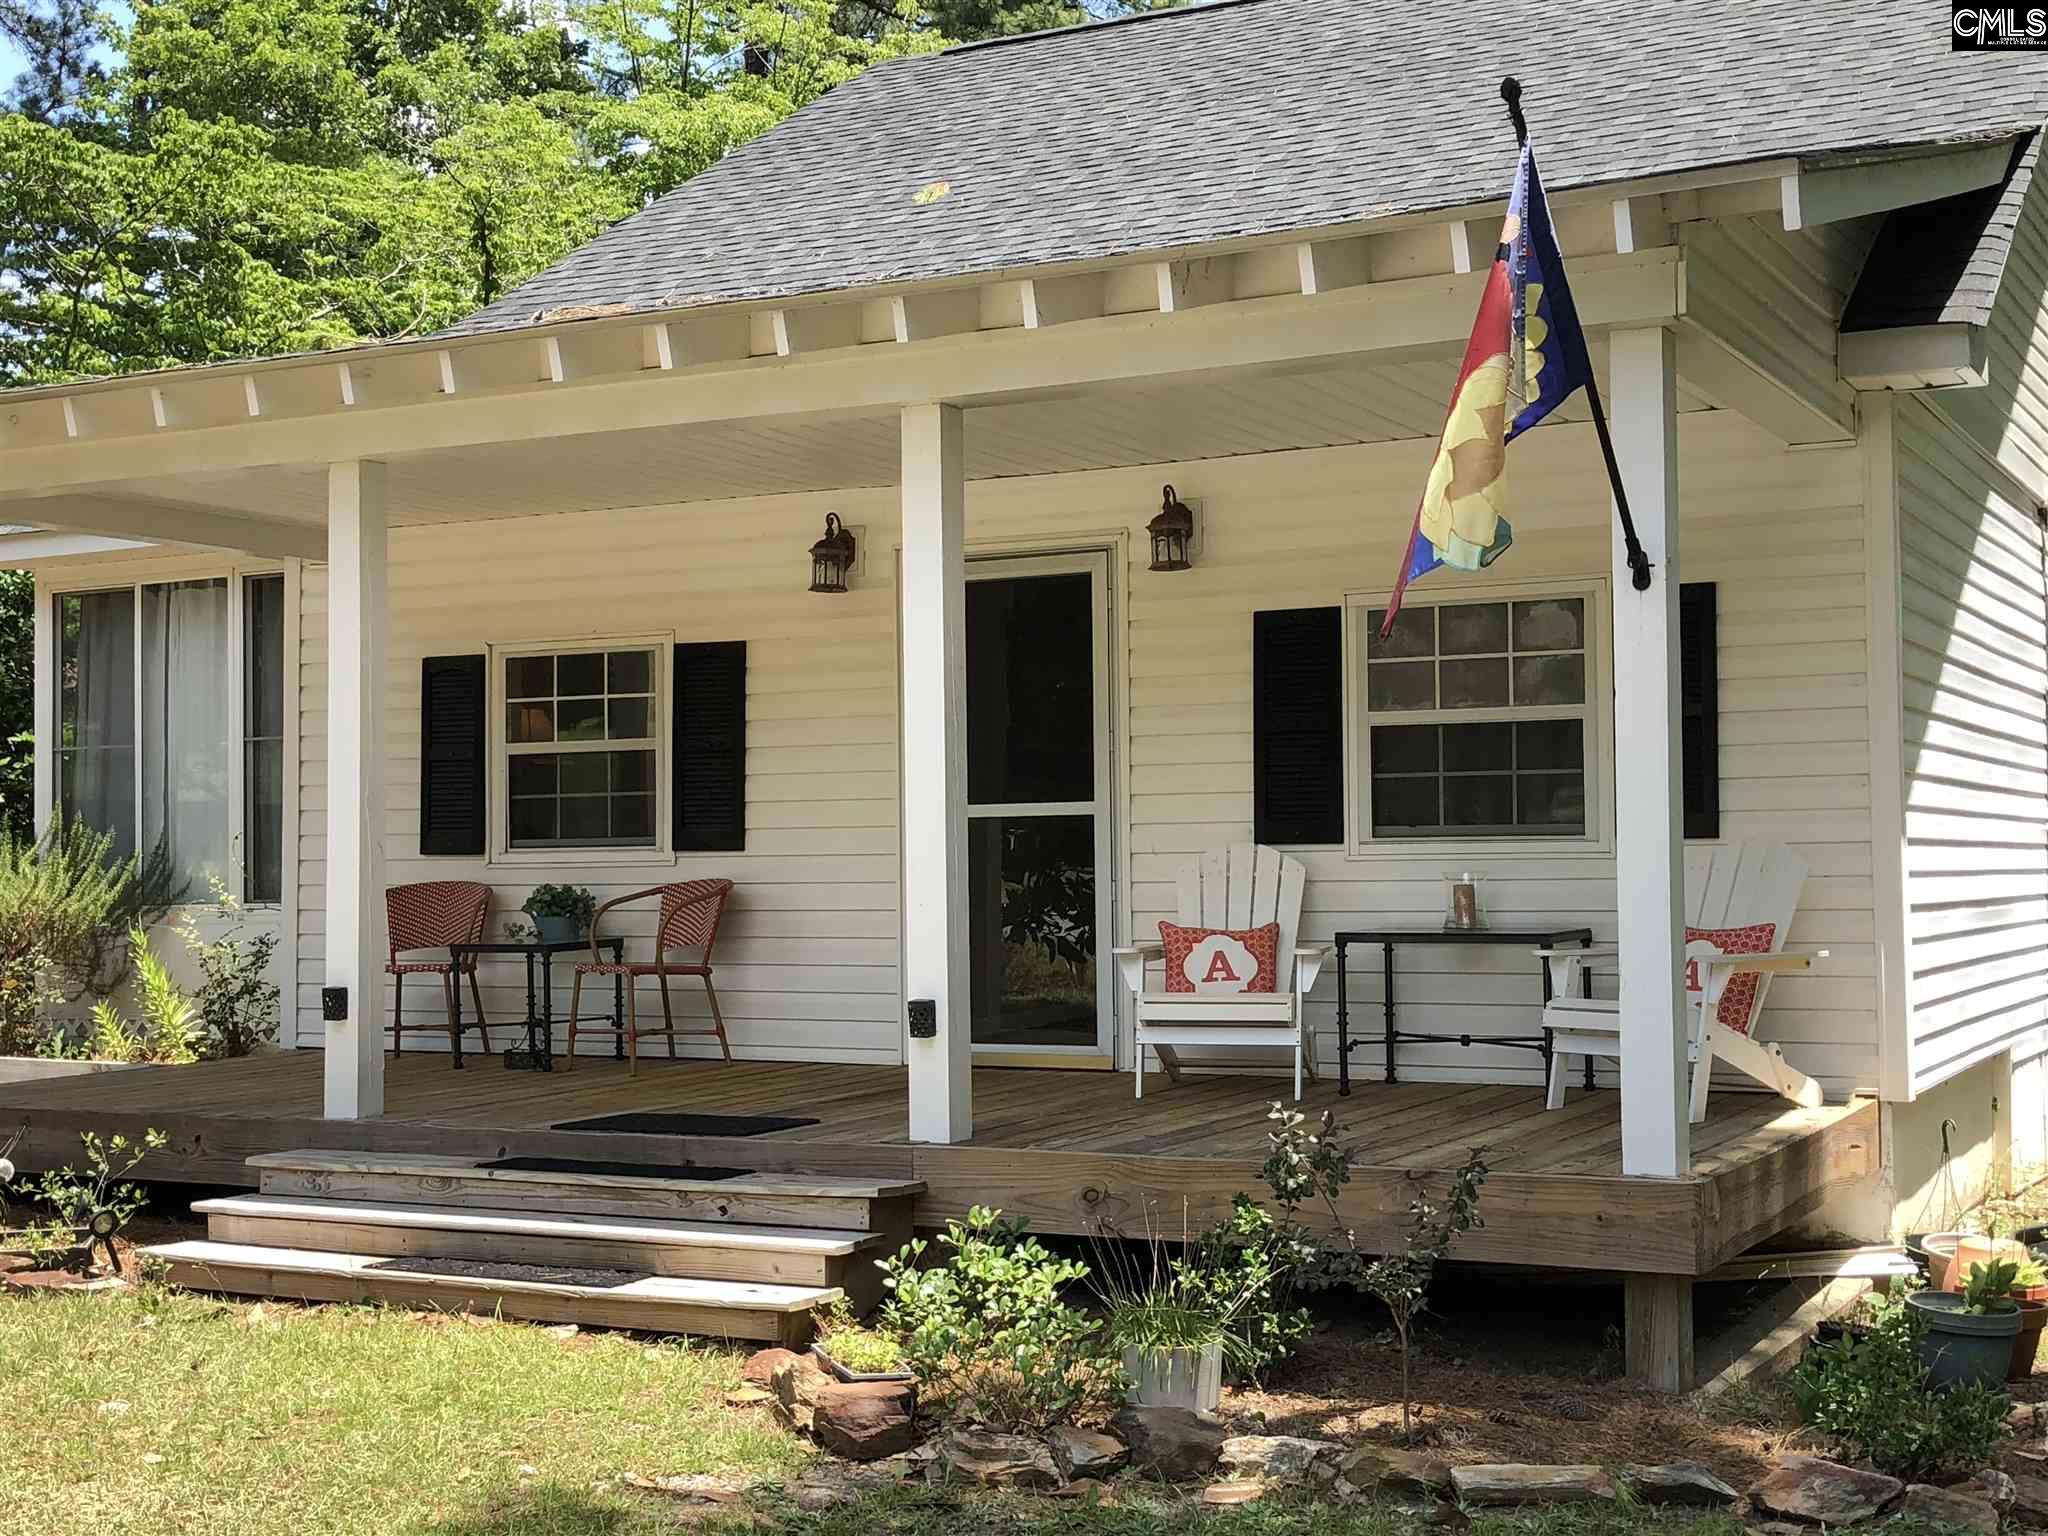 152 N Wonder Leesville, SC 29070